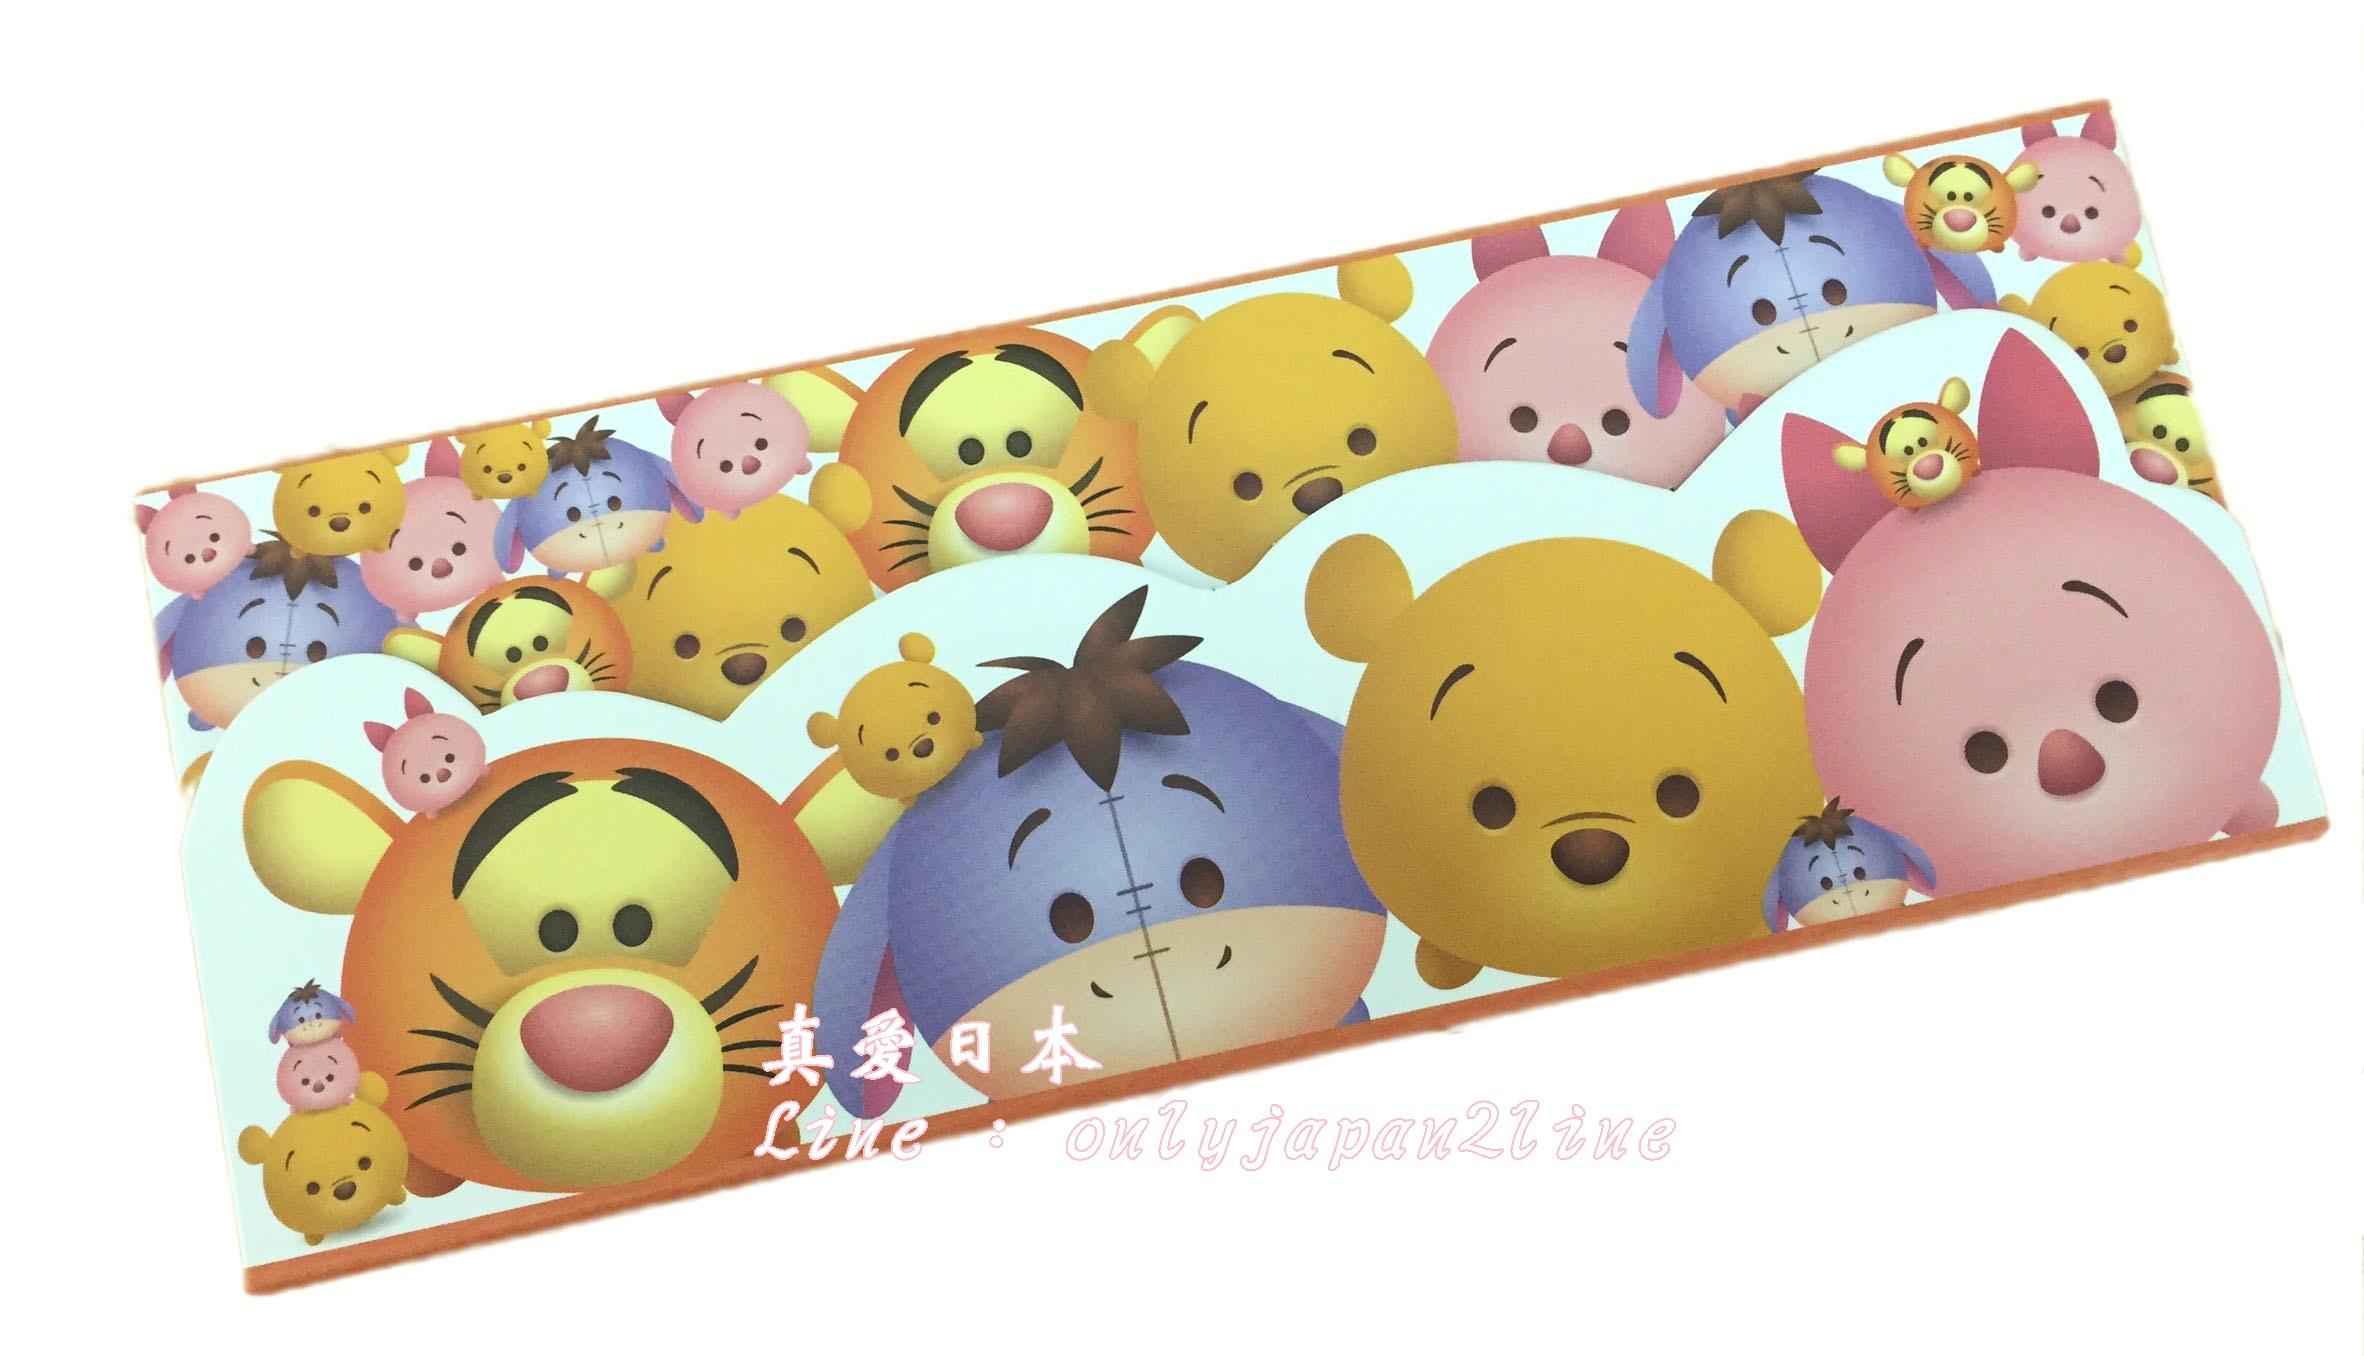 【真愛日本】16063000022TSUM萬用盒-維尼家族      迪士尼 小熊維尼 POOH 維尼熊  收納盒  筆盒